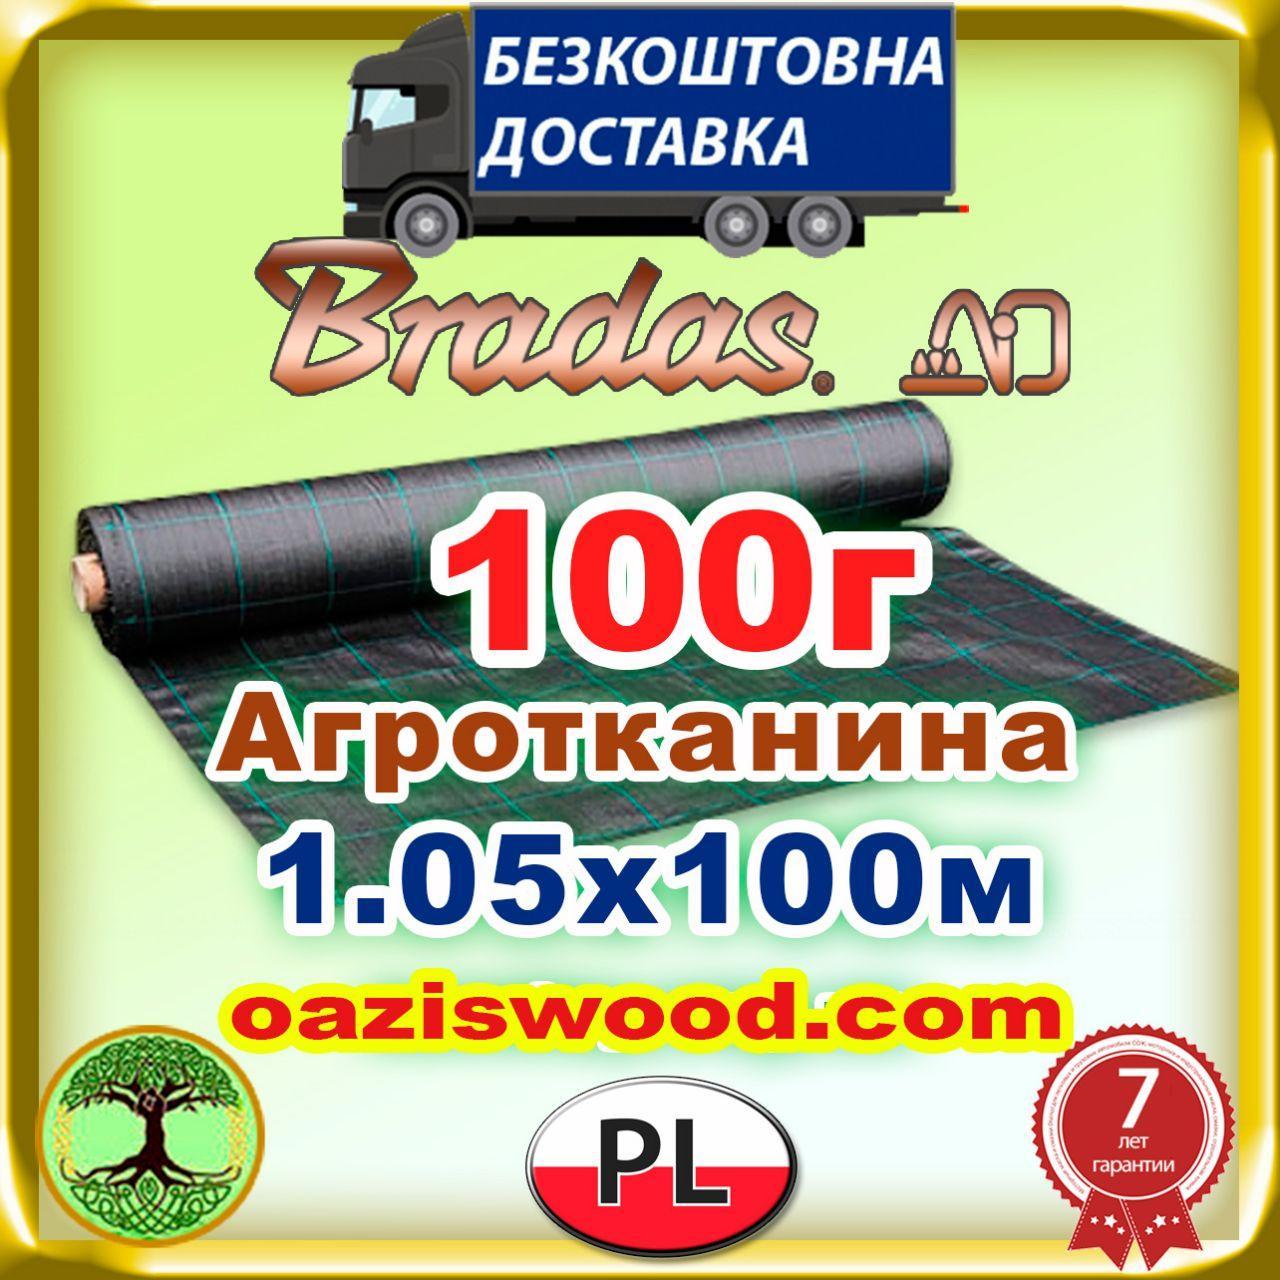 Агротканина 1,05 * 100м 100г/м² BRADAS плетена, чорна, щільна. Мульчування грунту на 7-10 років